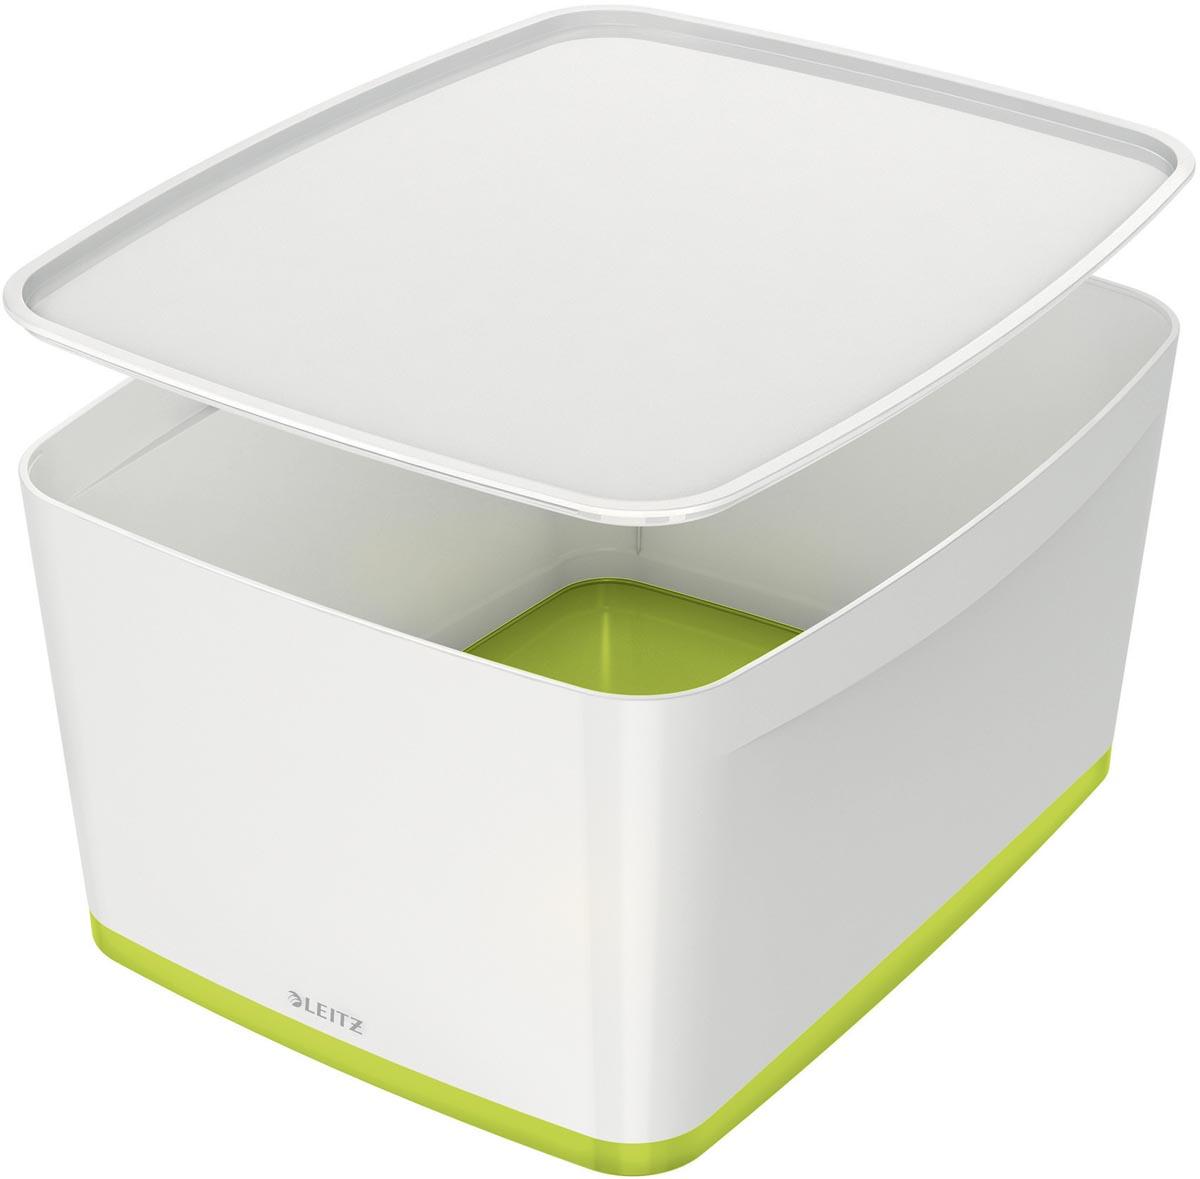 Leitz MyBox opbergdoos met deksel, groot format, groen